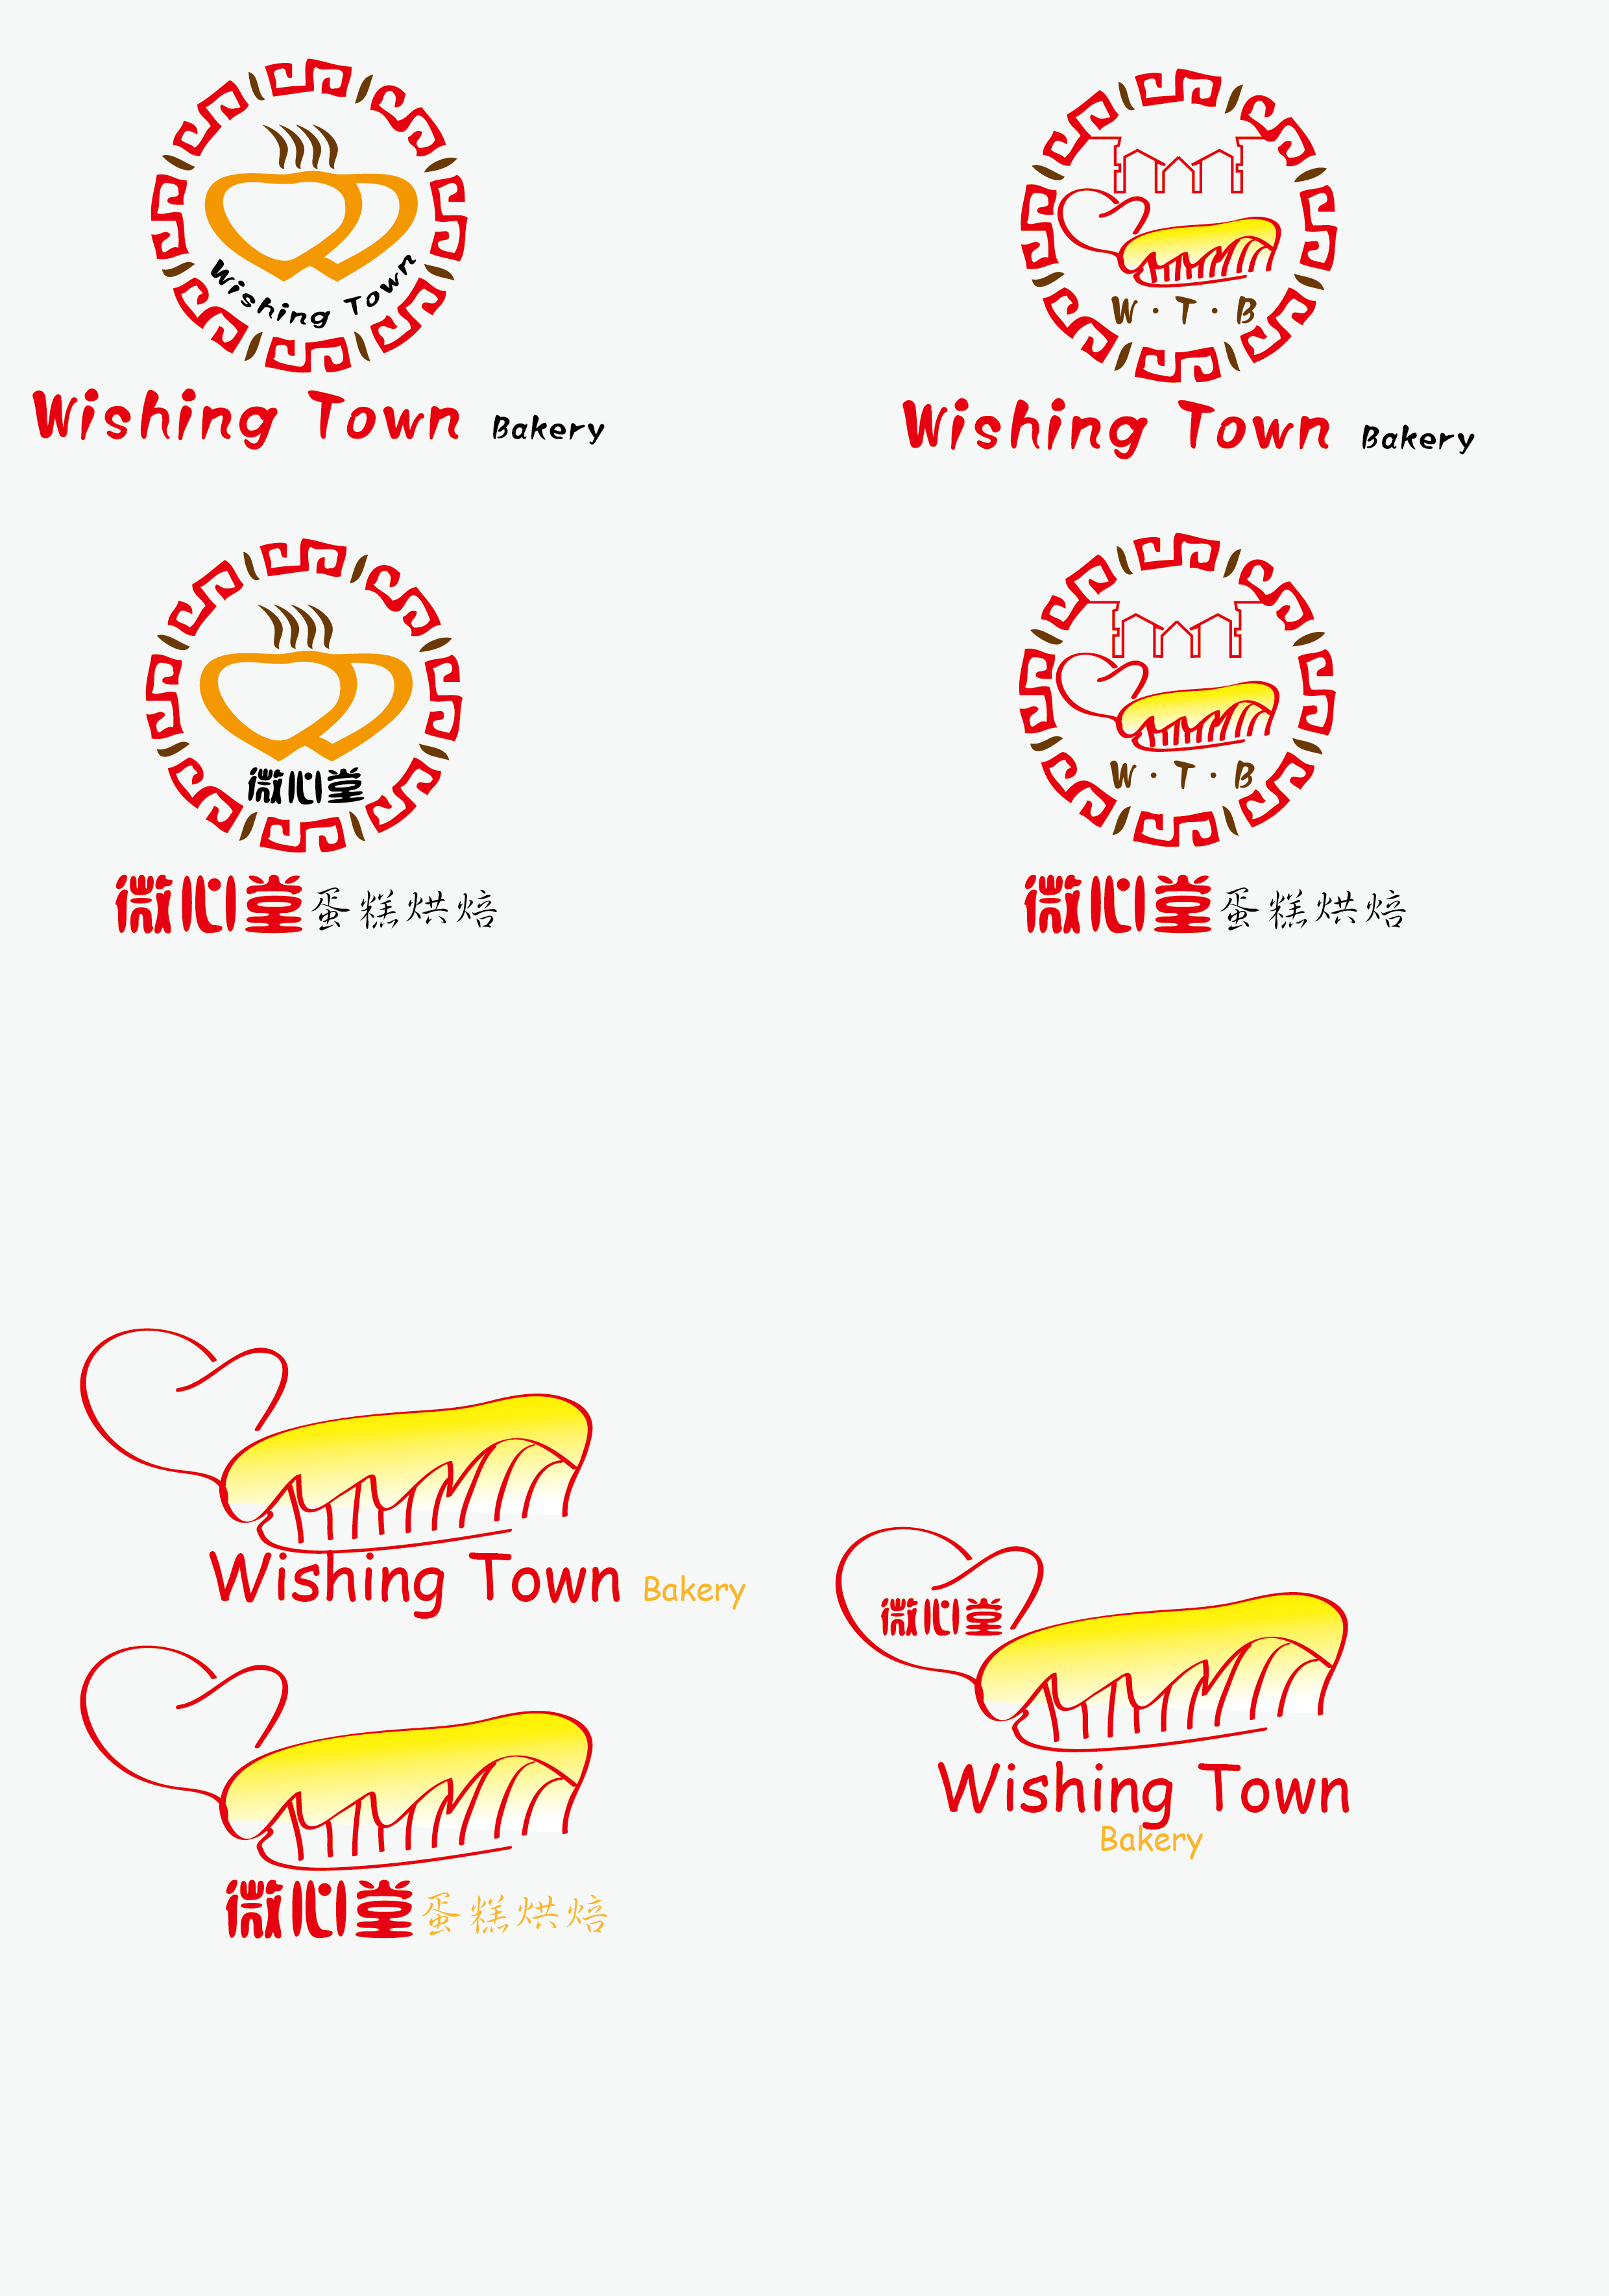 蛋糕烘焙店logo设计【能力等级从低到高只看有传图的